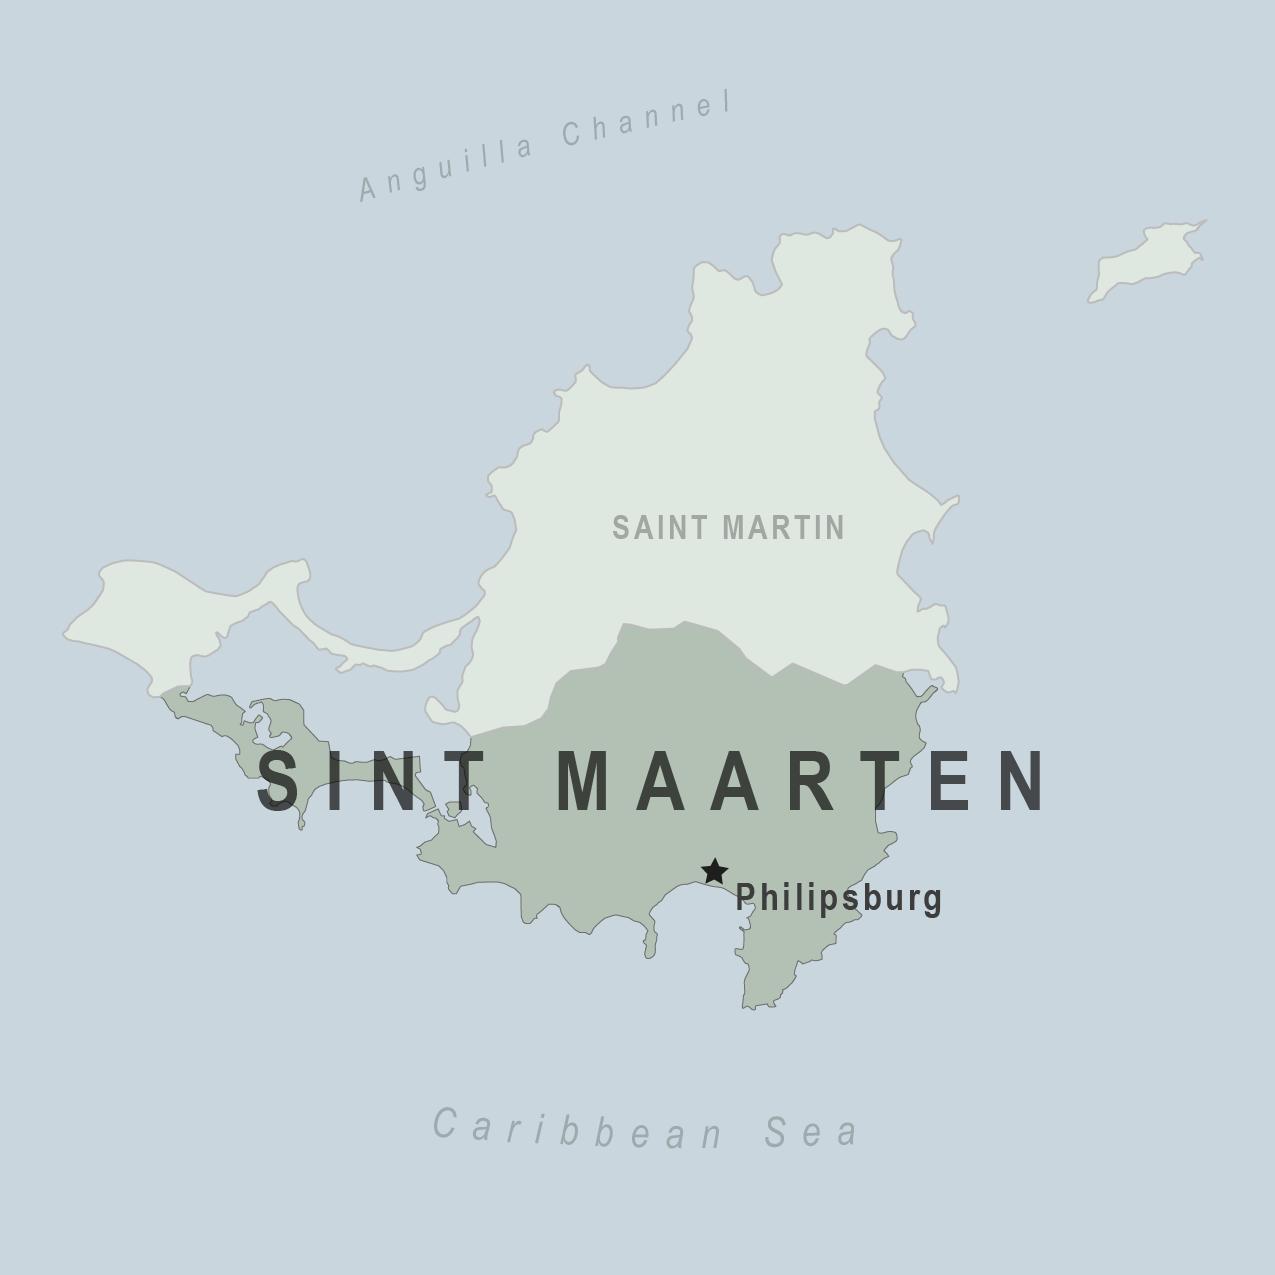 Sint maarten dating site